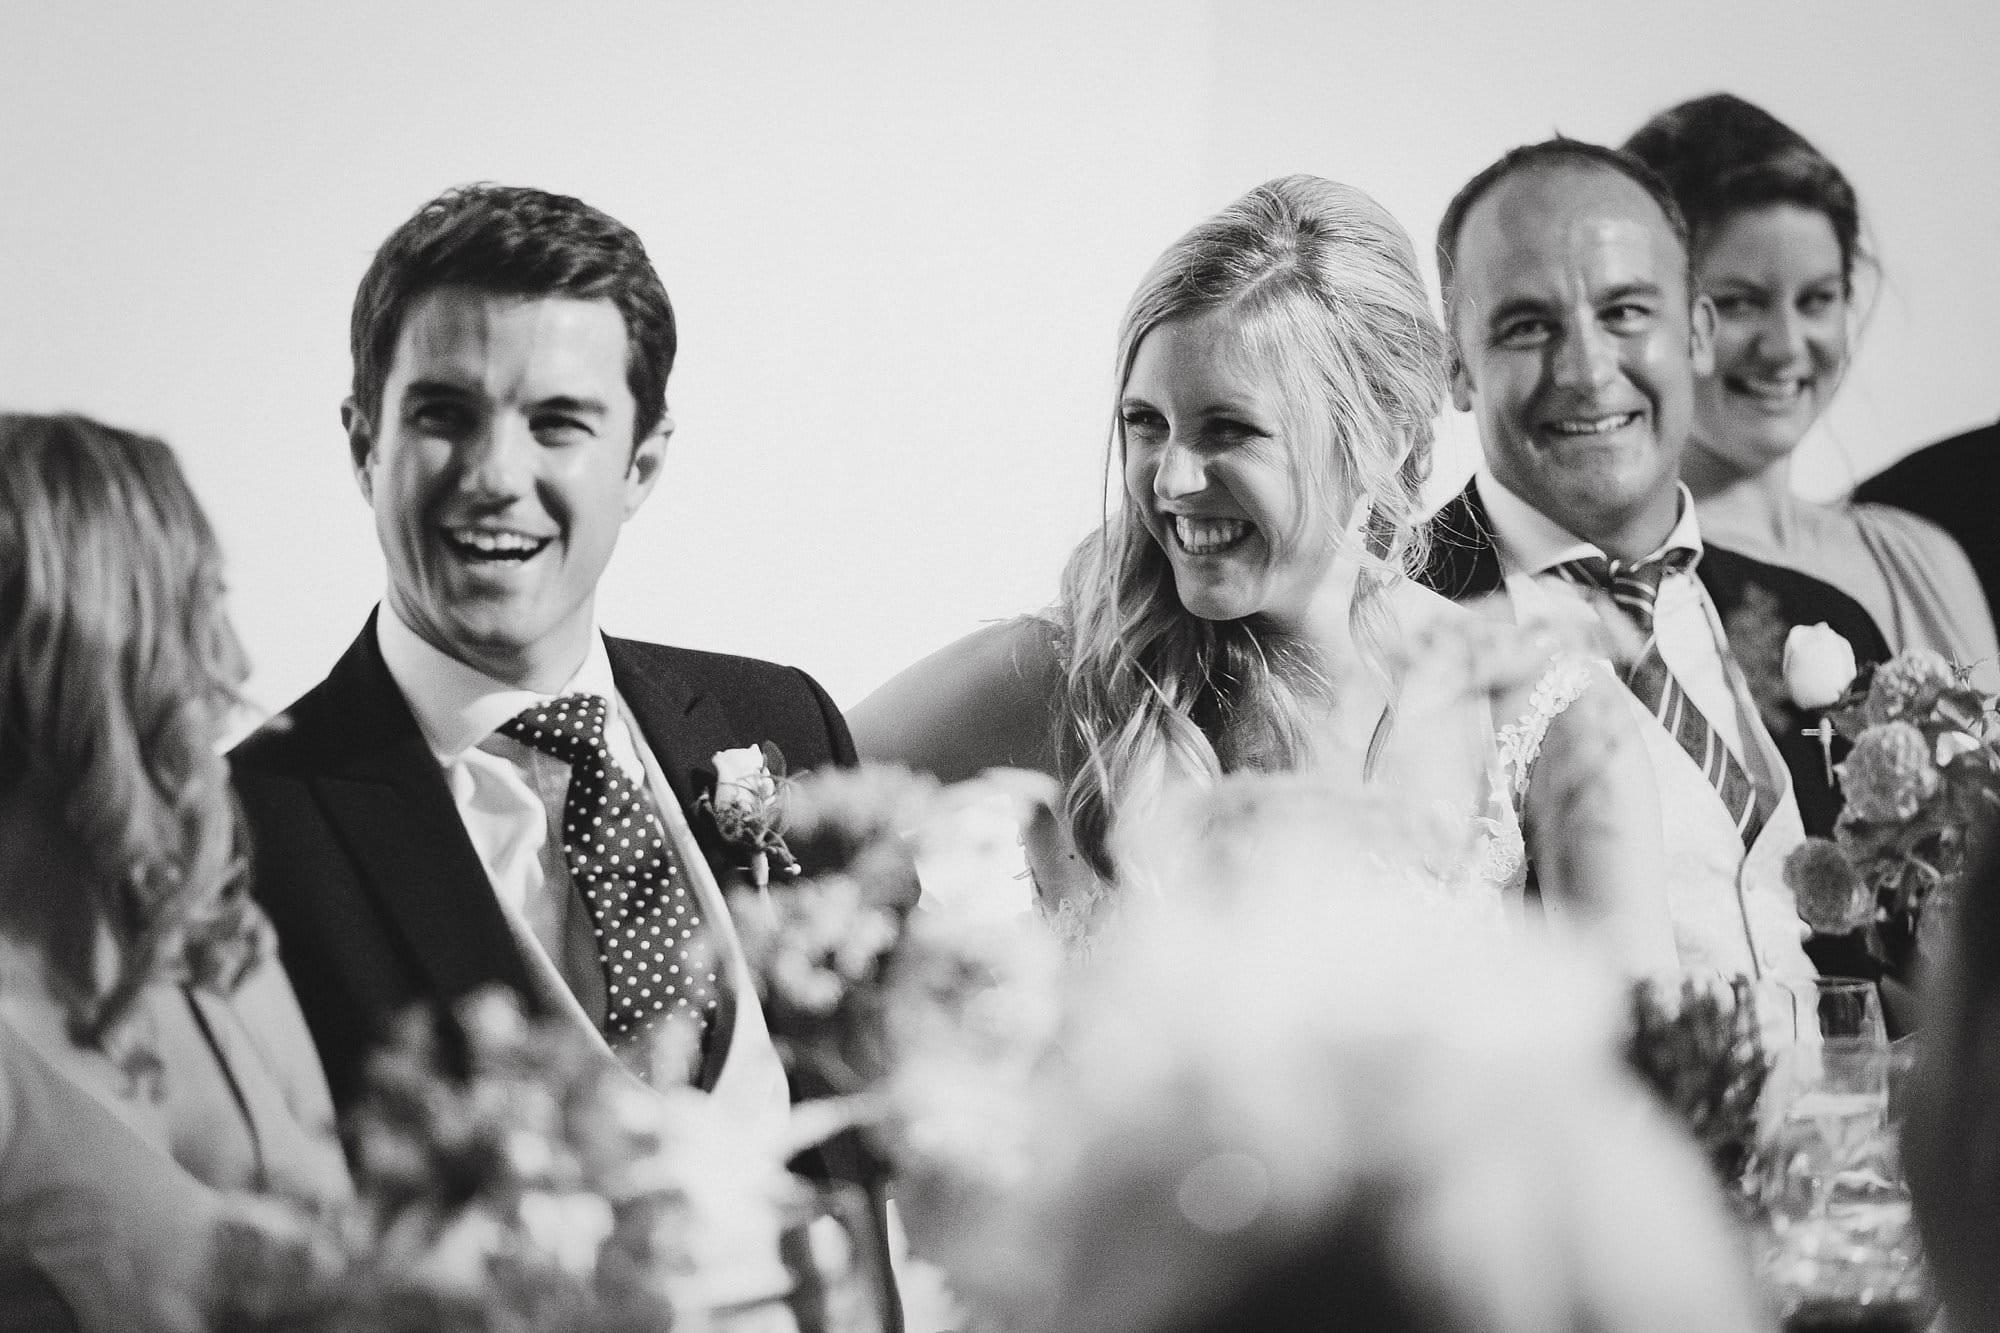 fulham palace wedding photographer 078 - Rosanna + Duncan | Fulham